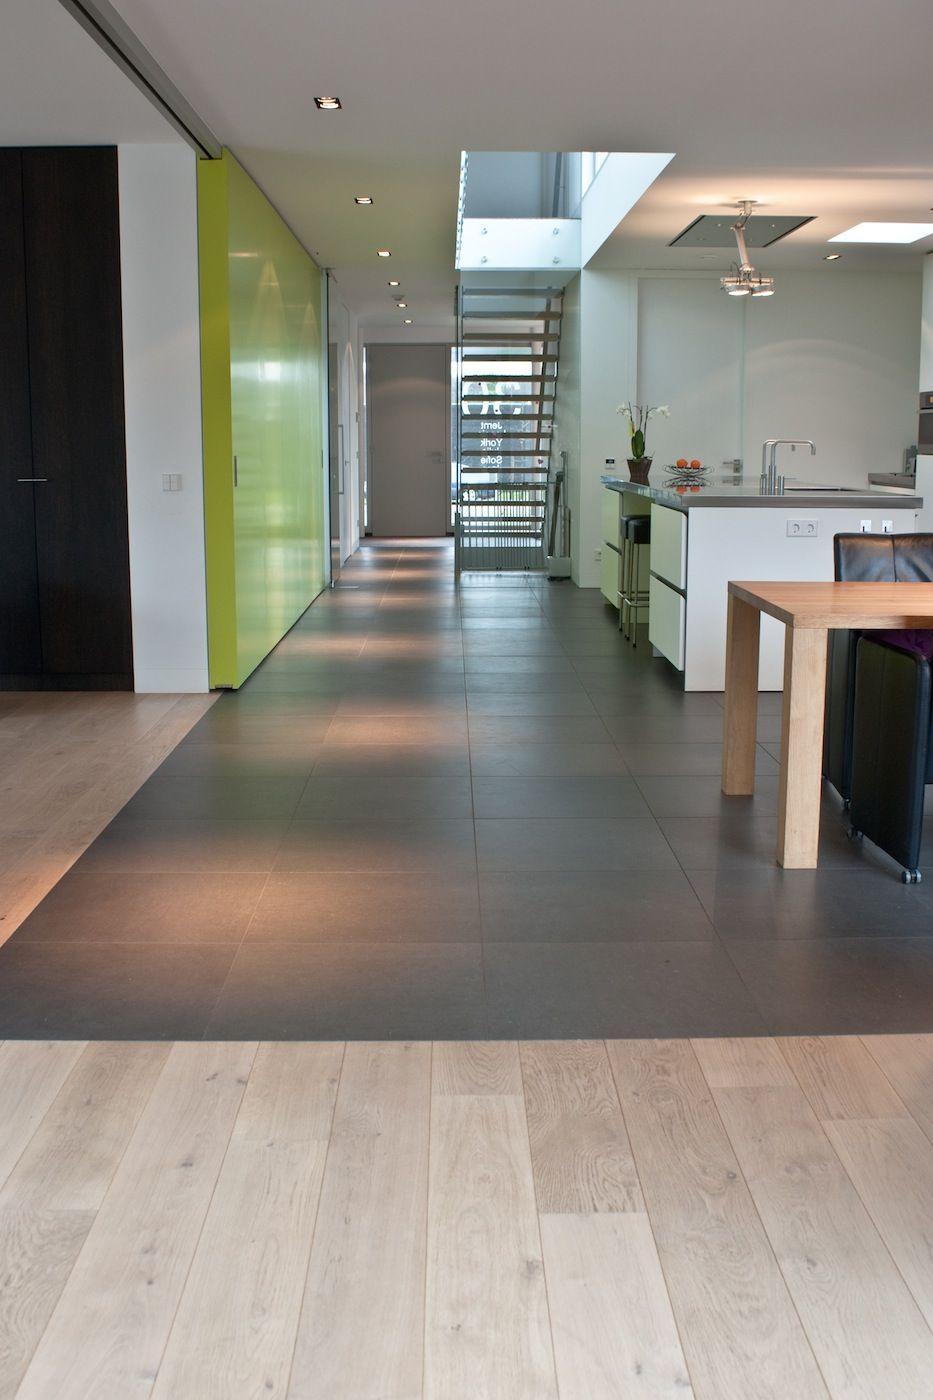 boden f r k che und wohnzimmer in 2019 haus wohnzimmer. Black Bedroom Furniture Sets. Home Design Ideas